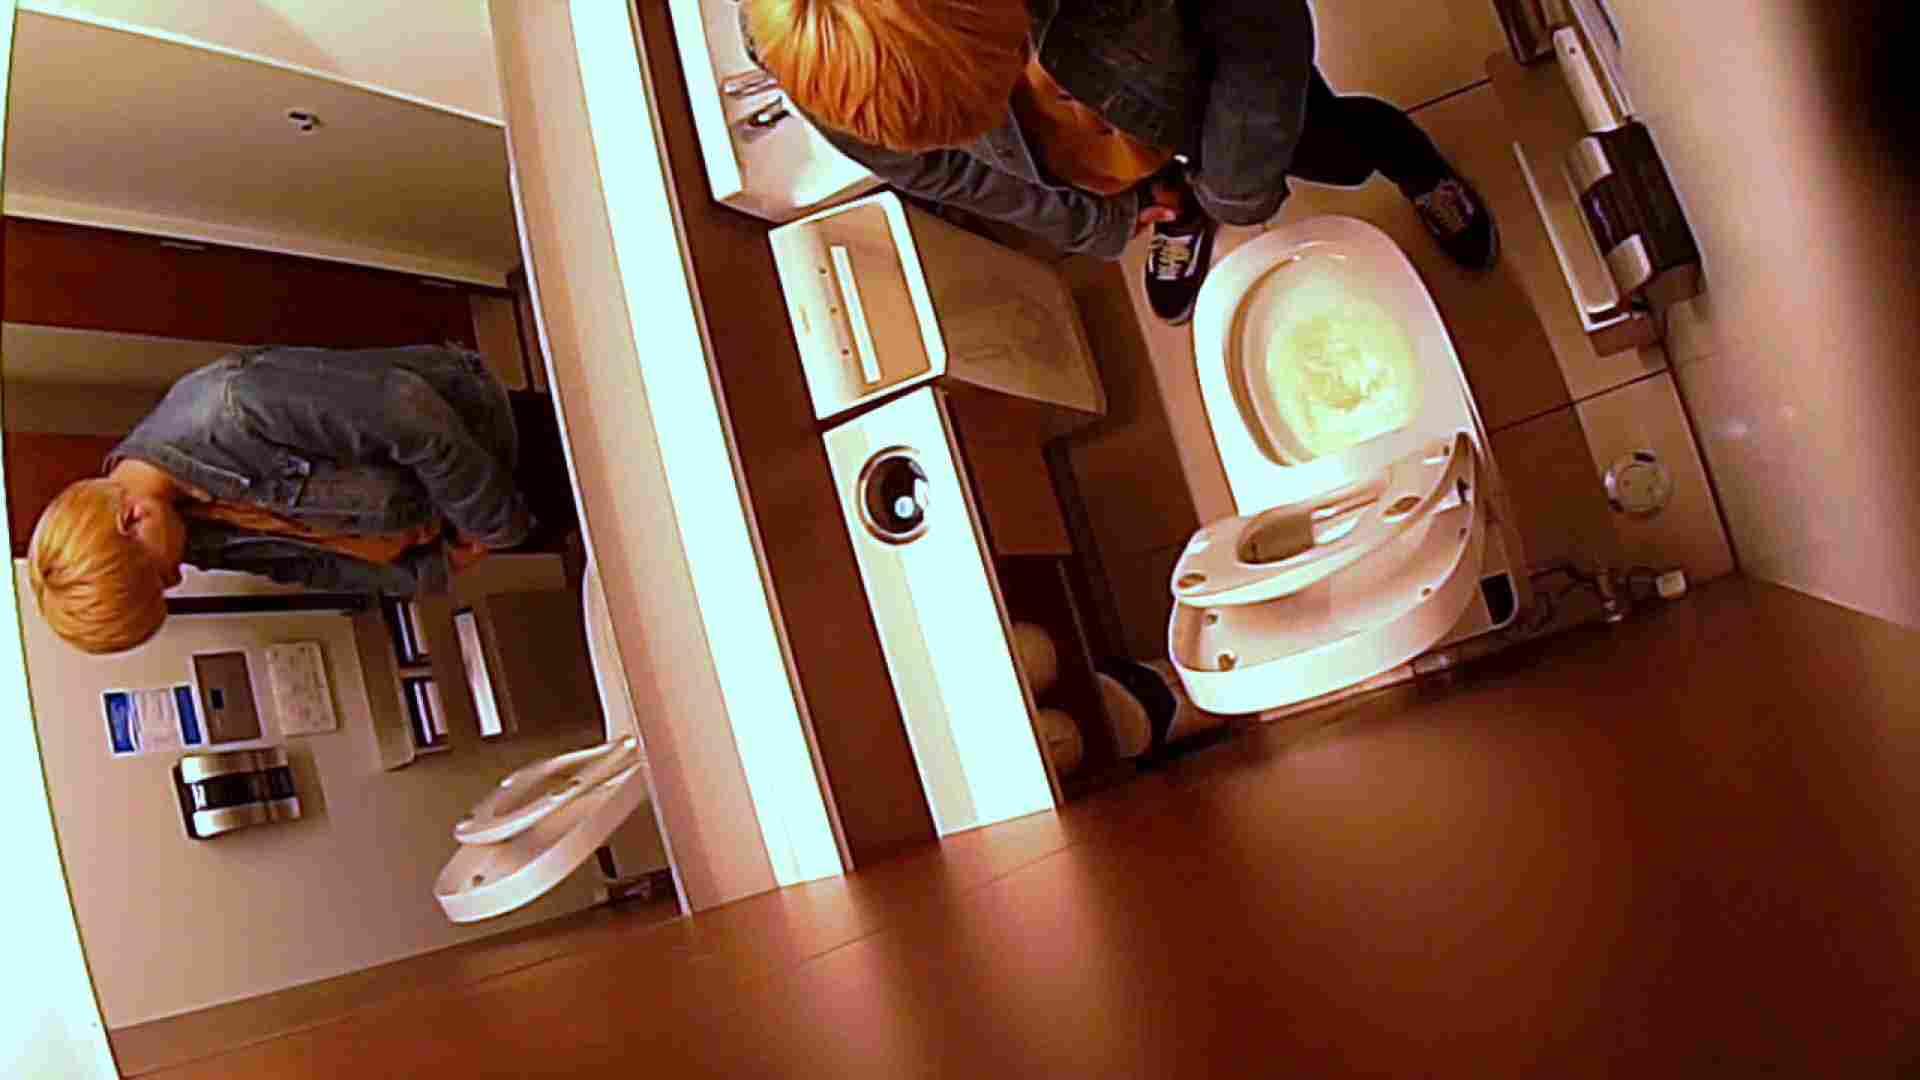 すみませんが覗かせてください Vol.30 トイレ | 0  100連発 3